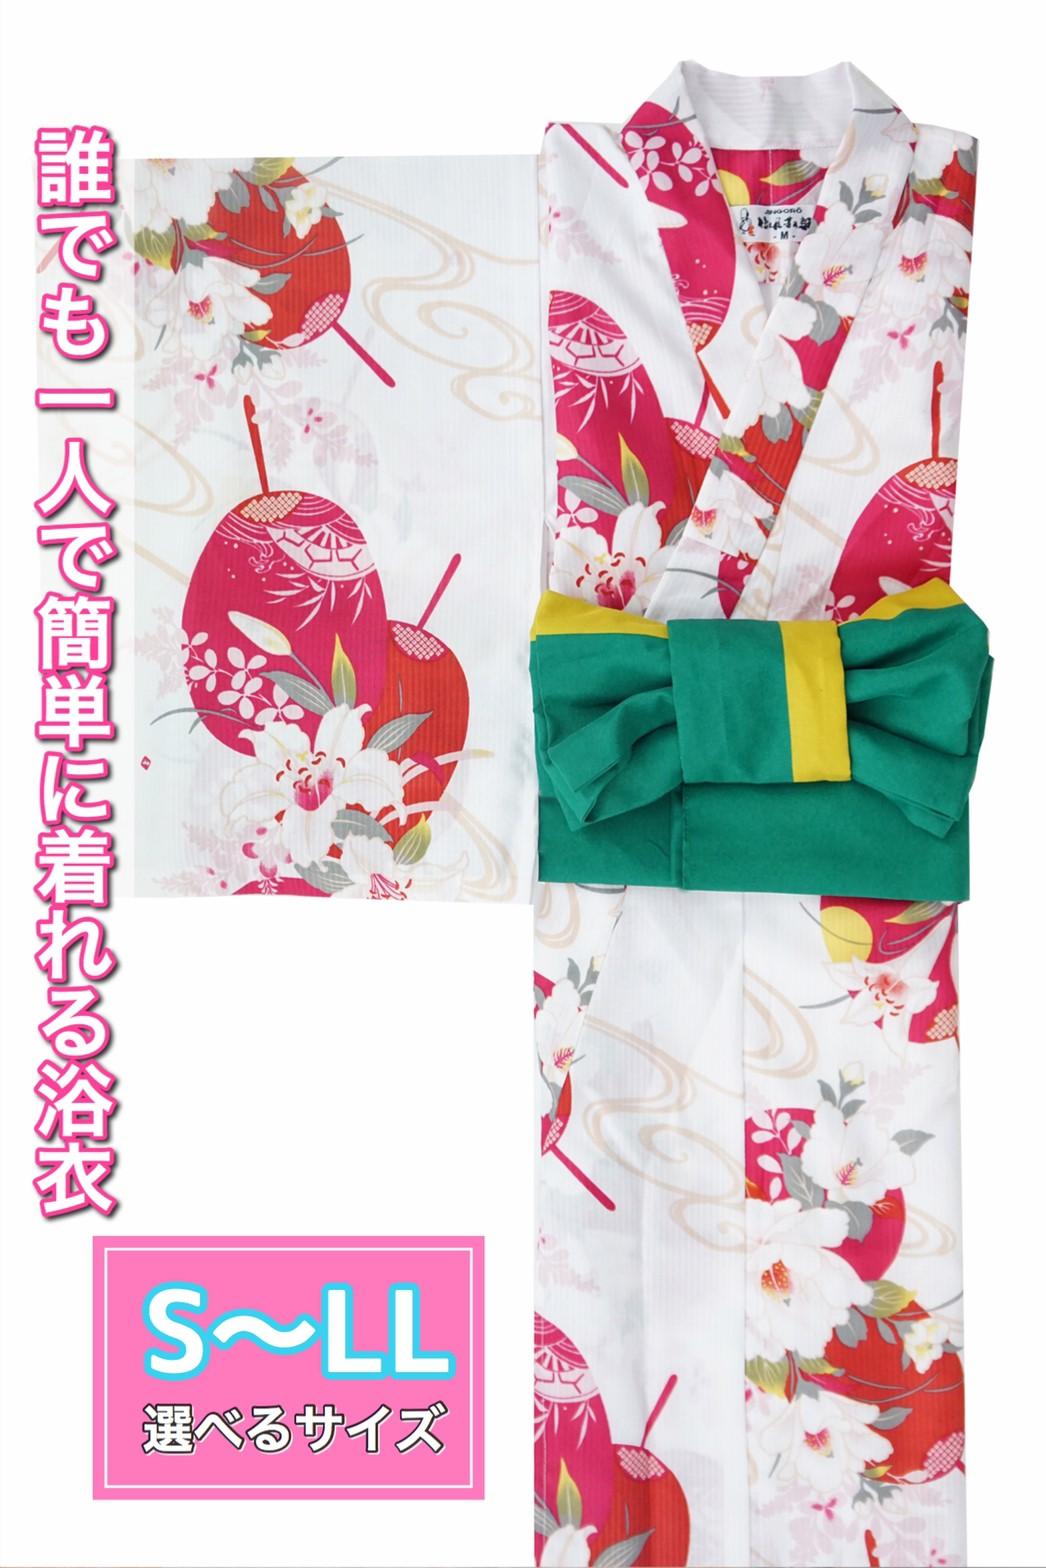 (衿あり)浴衣&帯セット〈すず風・淡ピンク〉画像